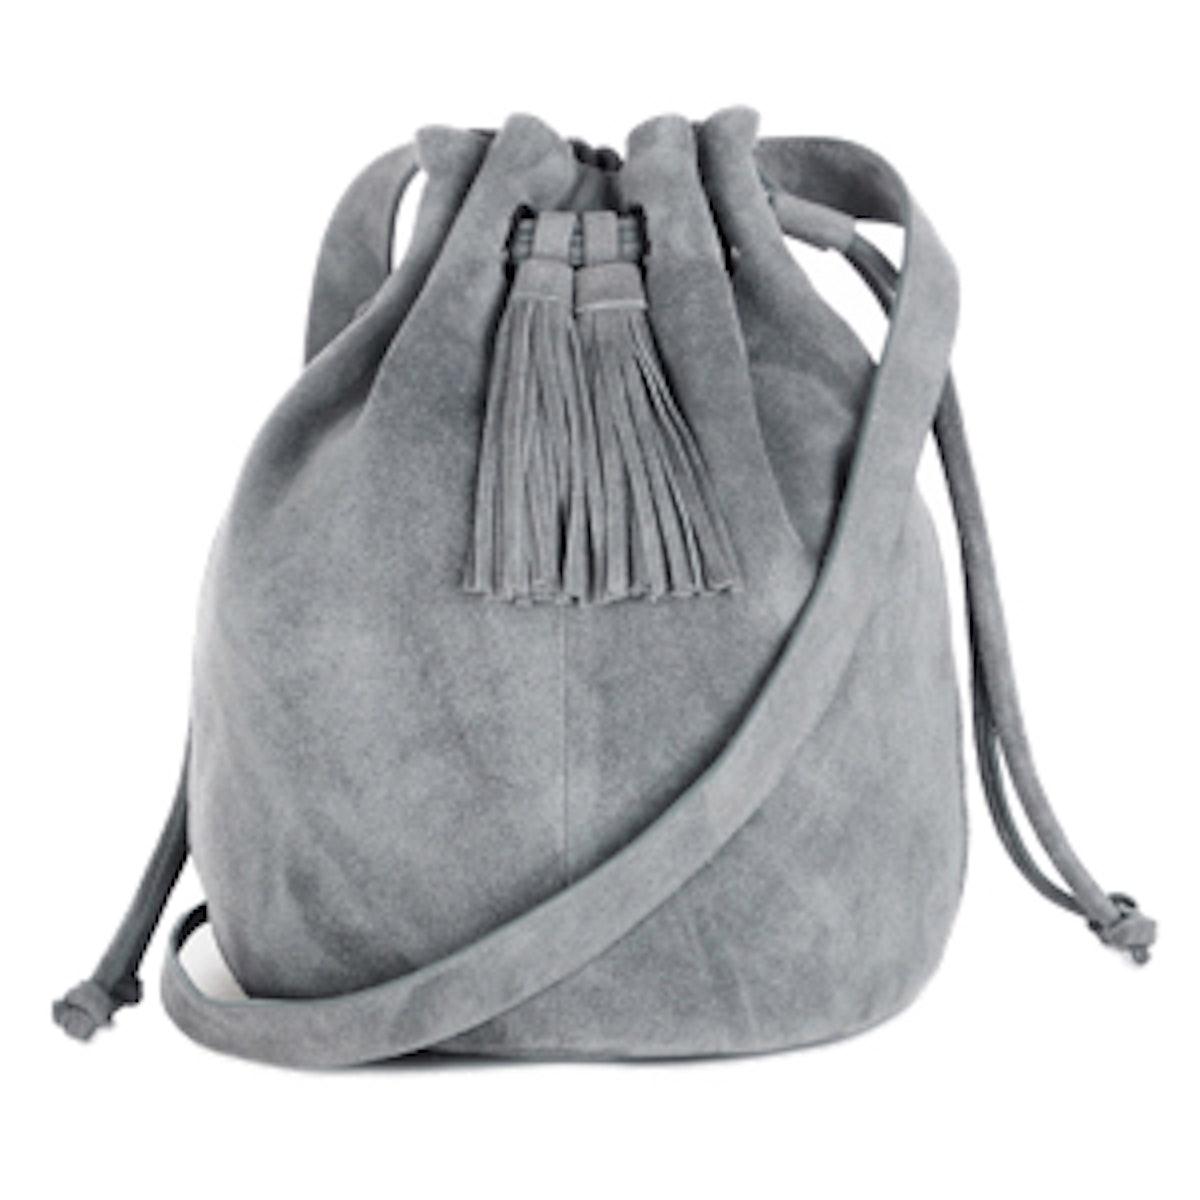 Suede Tassle Duffle Bag